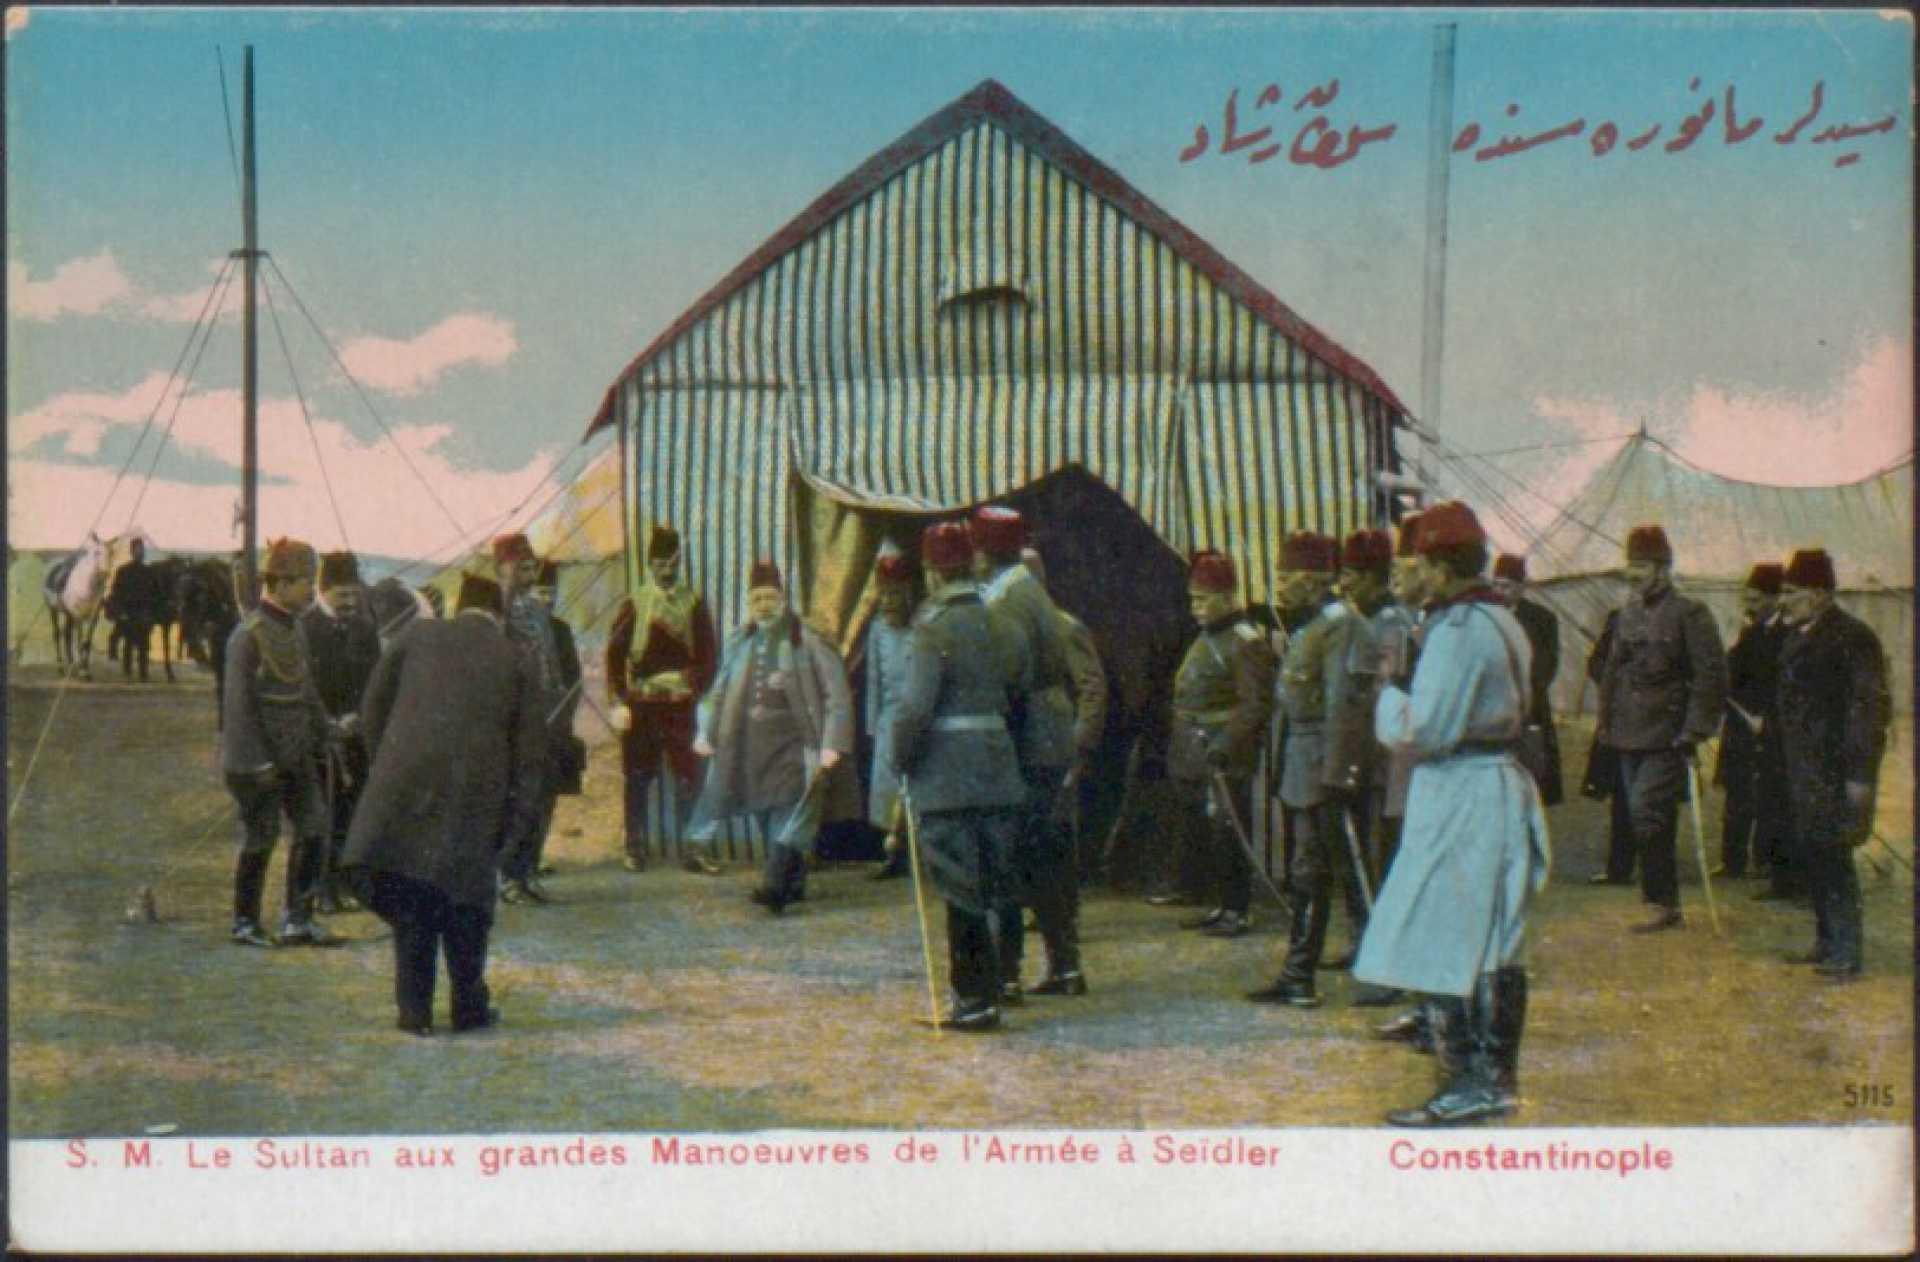 S. M. Le Sultan aux grandes Manoeuvres de l'Armee a Seidelr